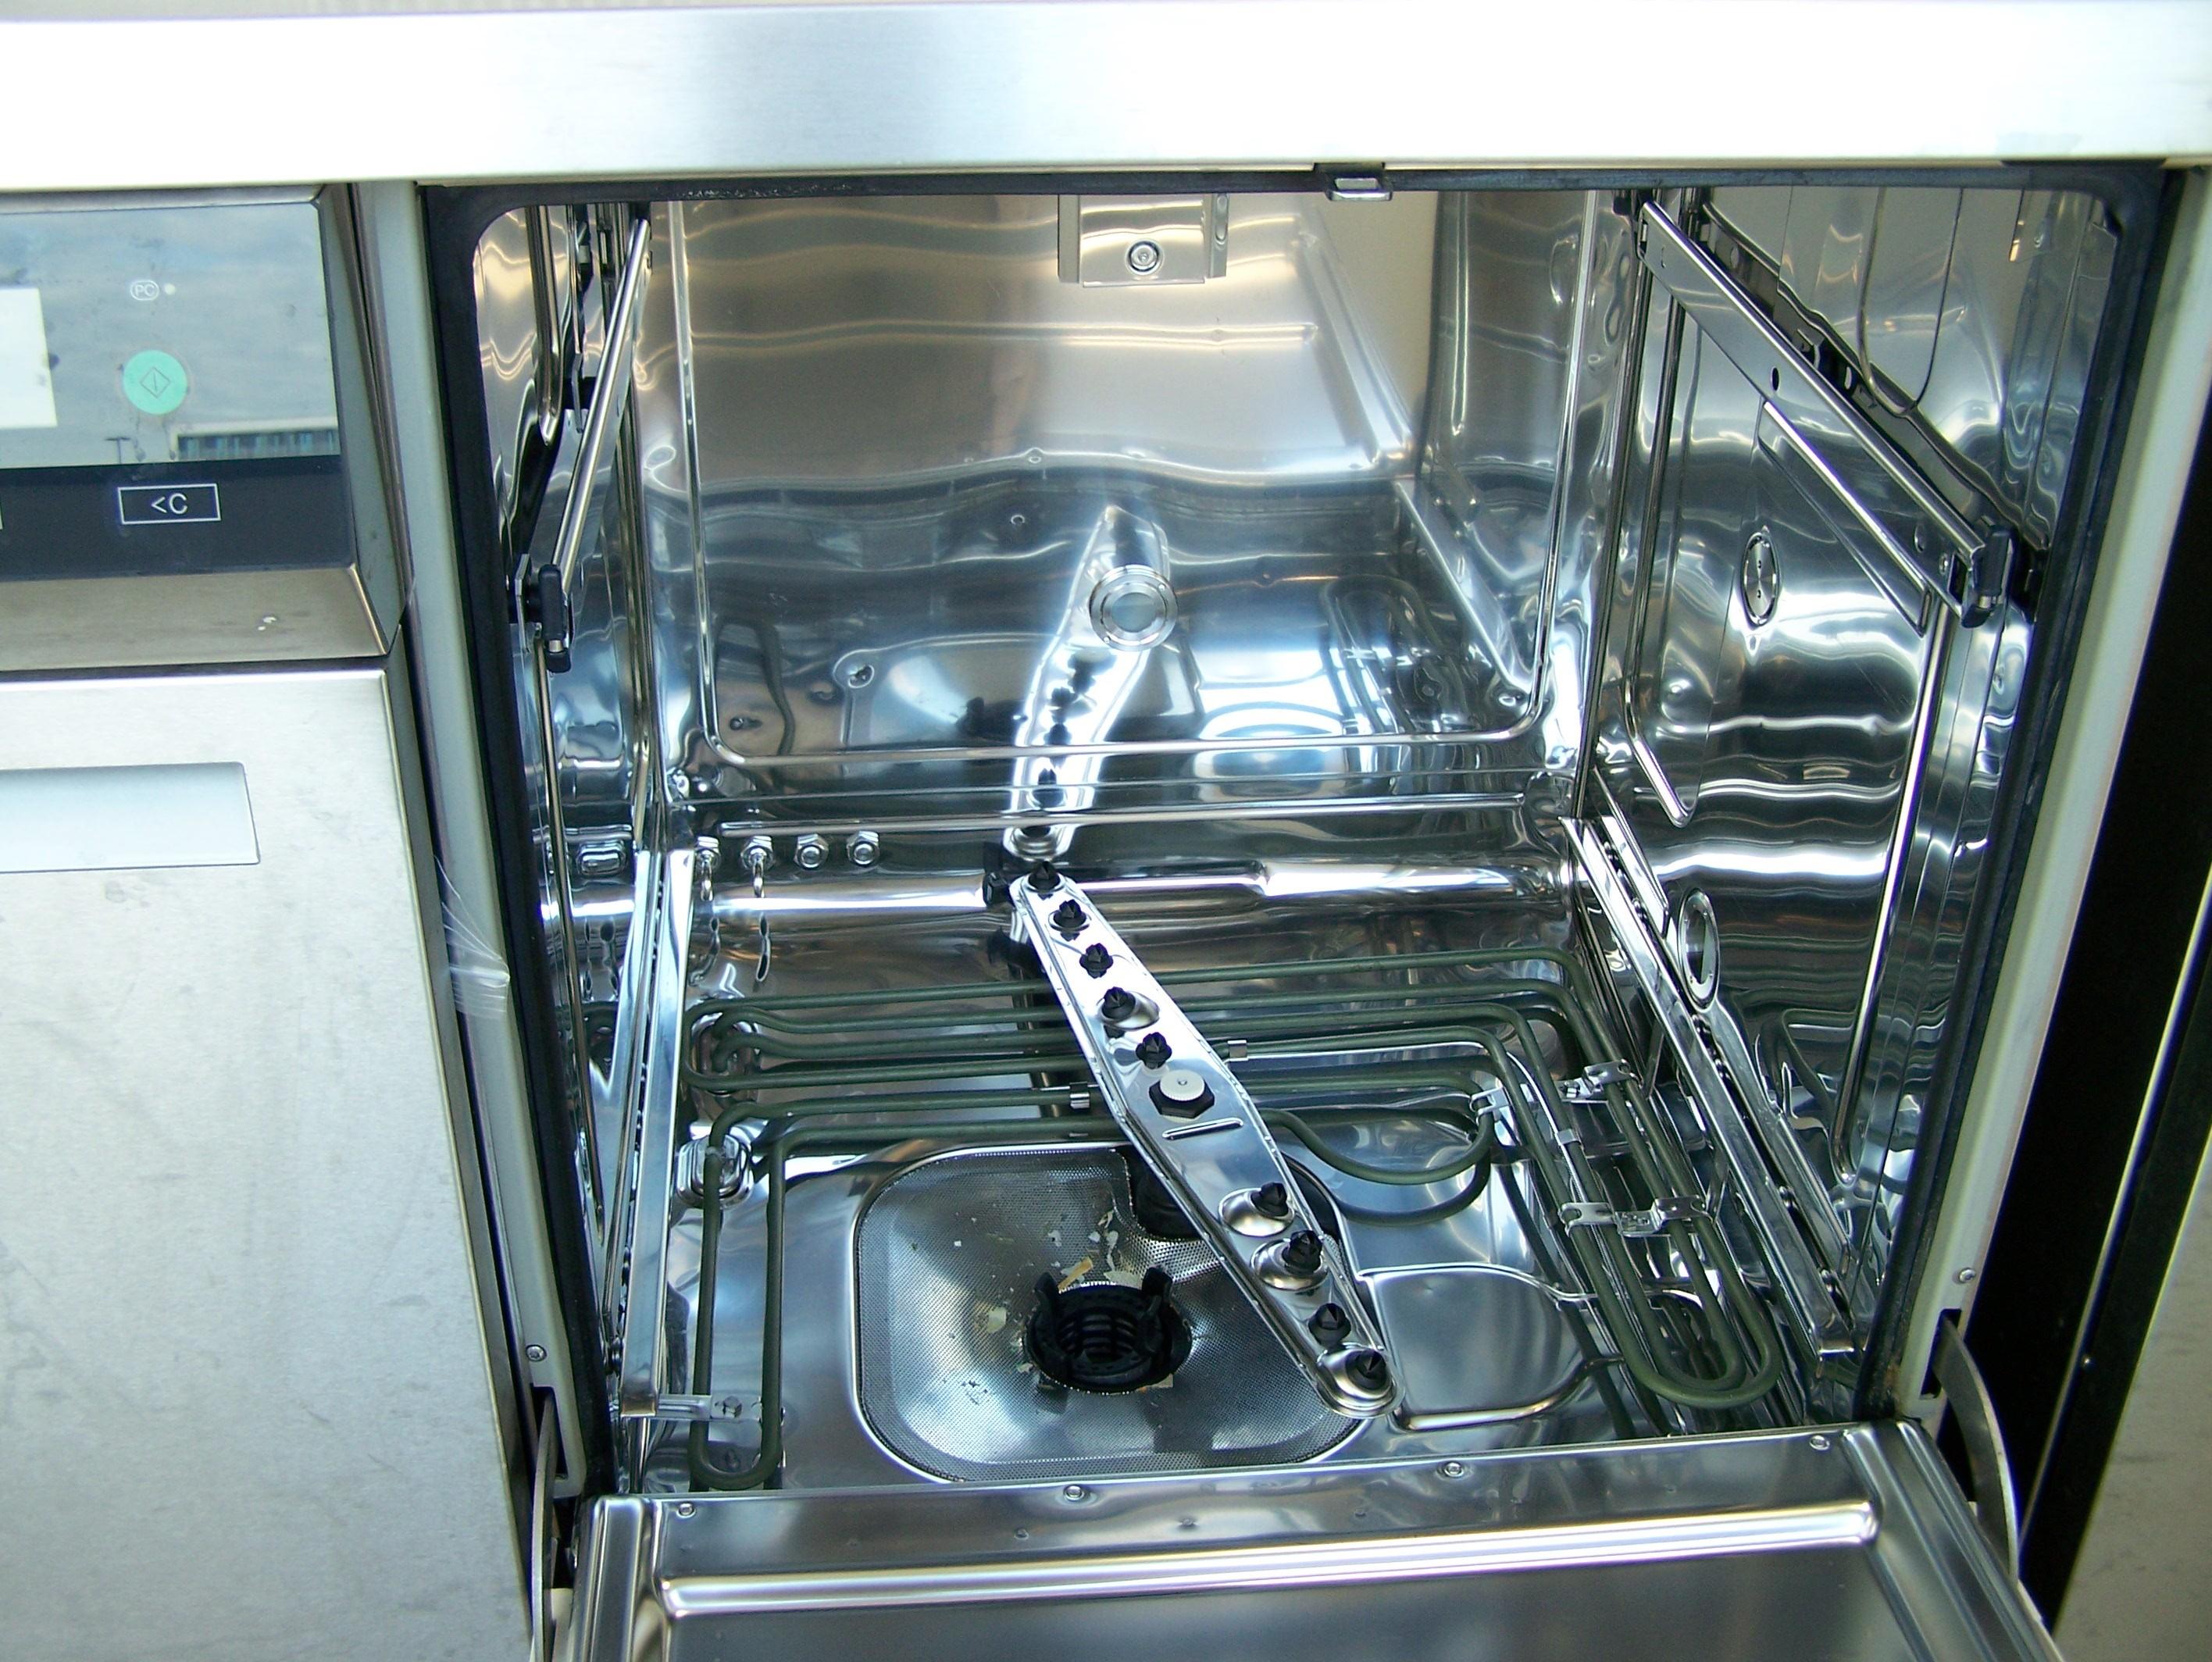 lab-cards/dishwasher-utilization-and-maintenance/img/dishwasher_img_12.jpg